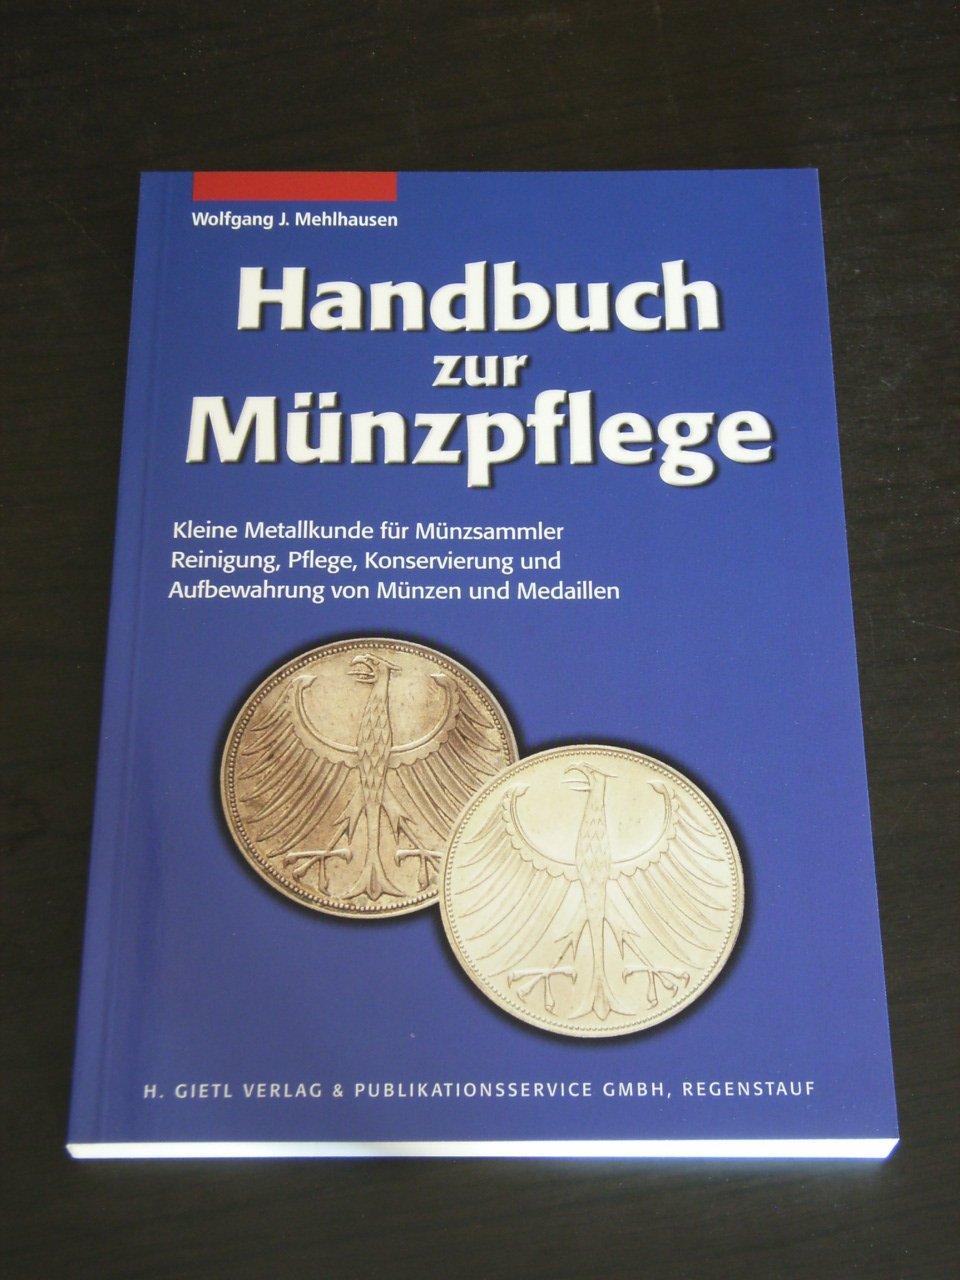 Bücher Vom Verlag H Gietl Verlag Publikationsservice Gmbh